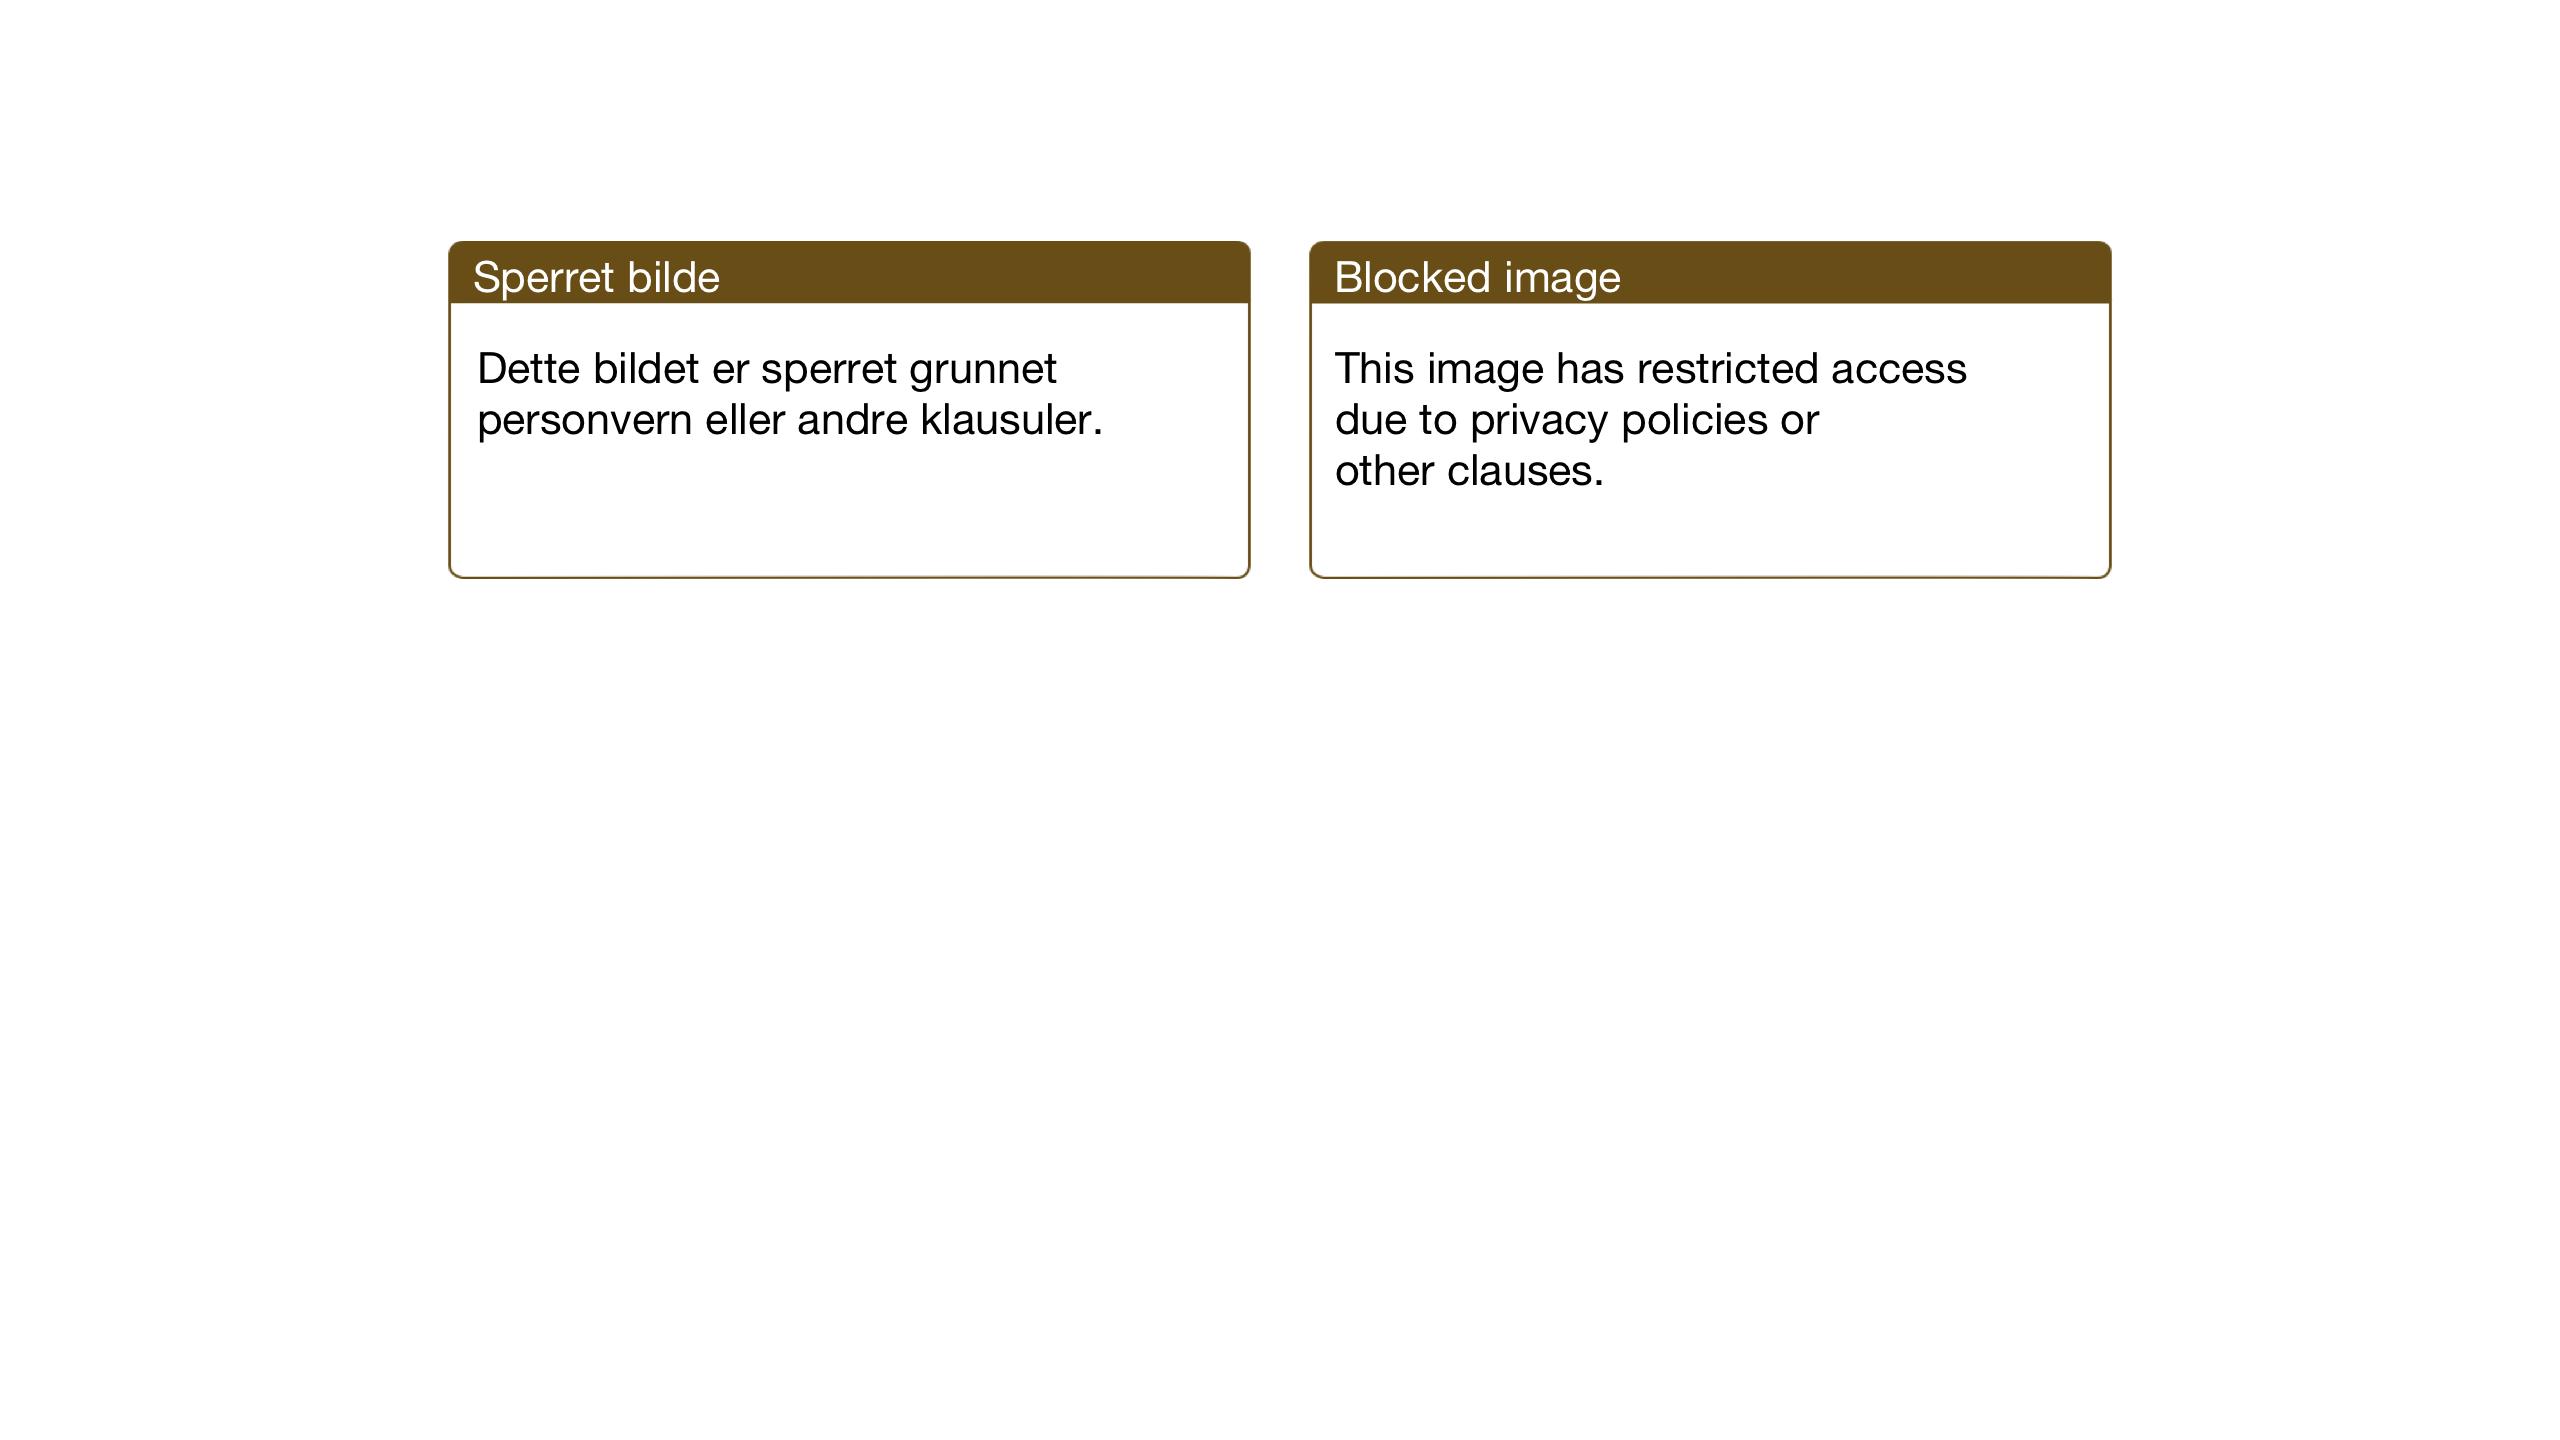 SAT, Ministerialprotokoller, klokkerbøker og fødselsregistre - Sør-Trøndelag, 608/L0343: Klokkerbok nr. 608C09, 1938-1952, s. 35